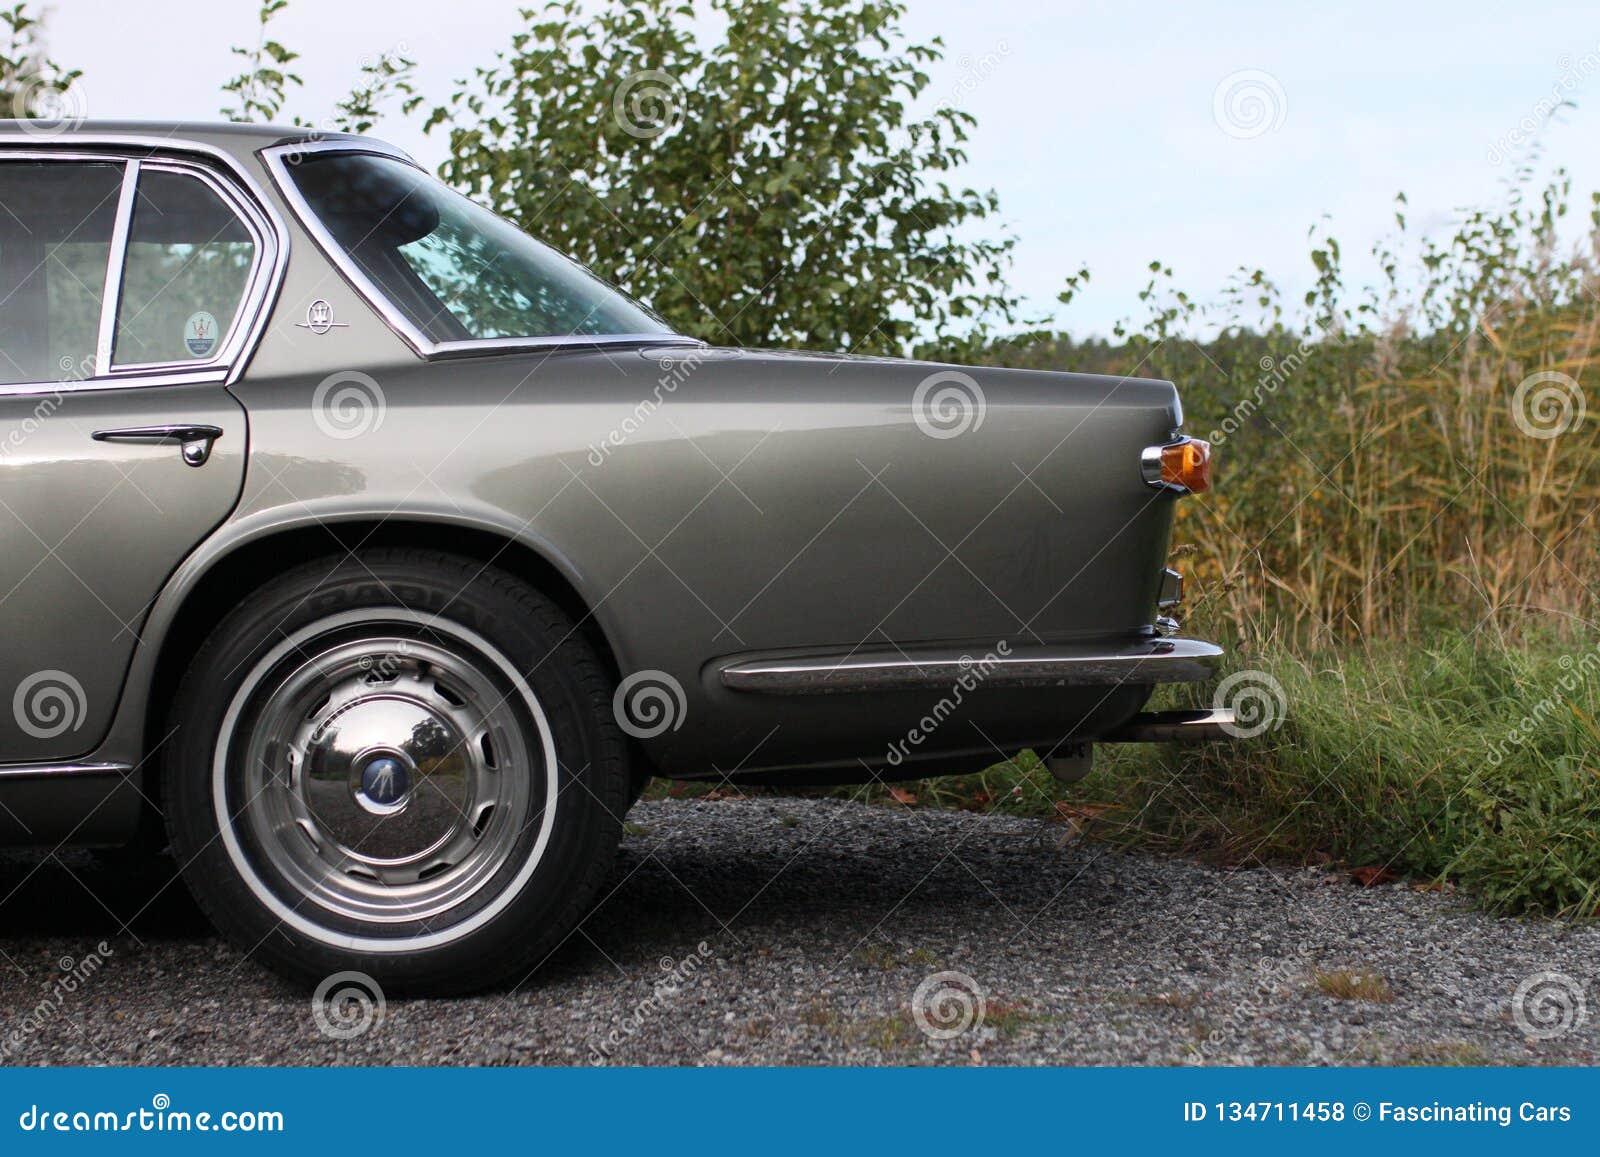 Maserati Quattroporte 1965 - Left Behind Of The Car ...